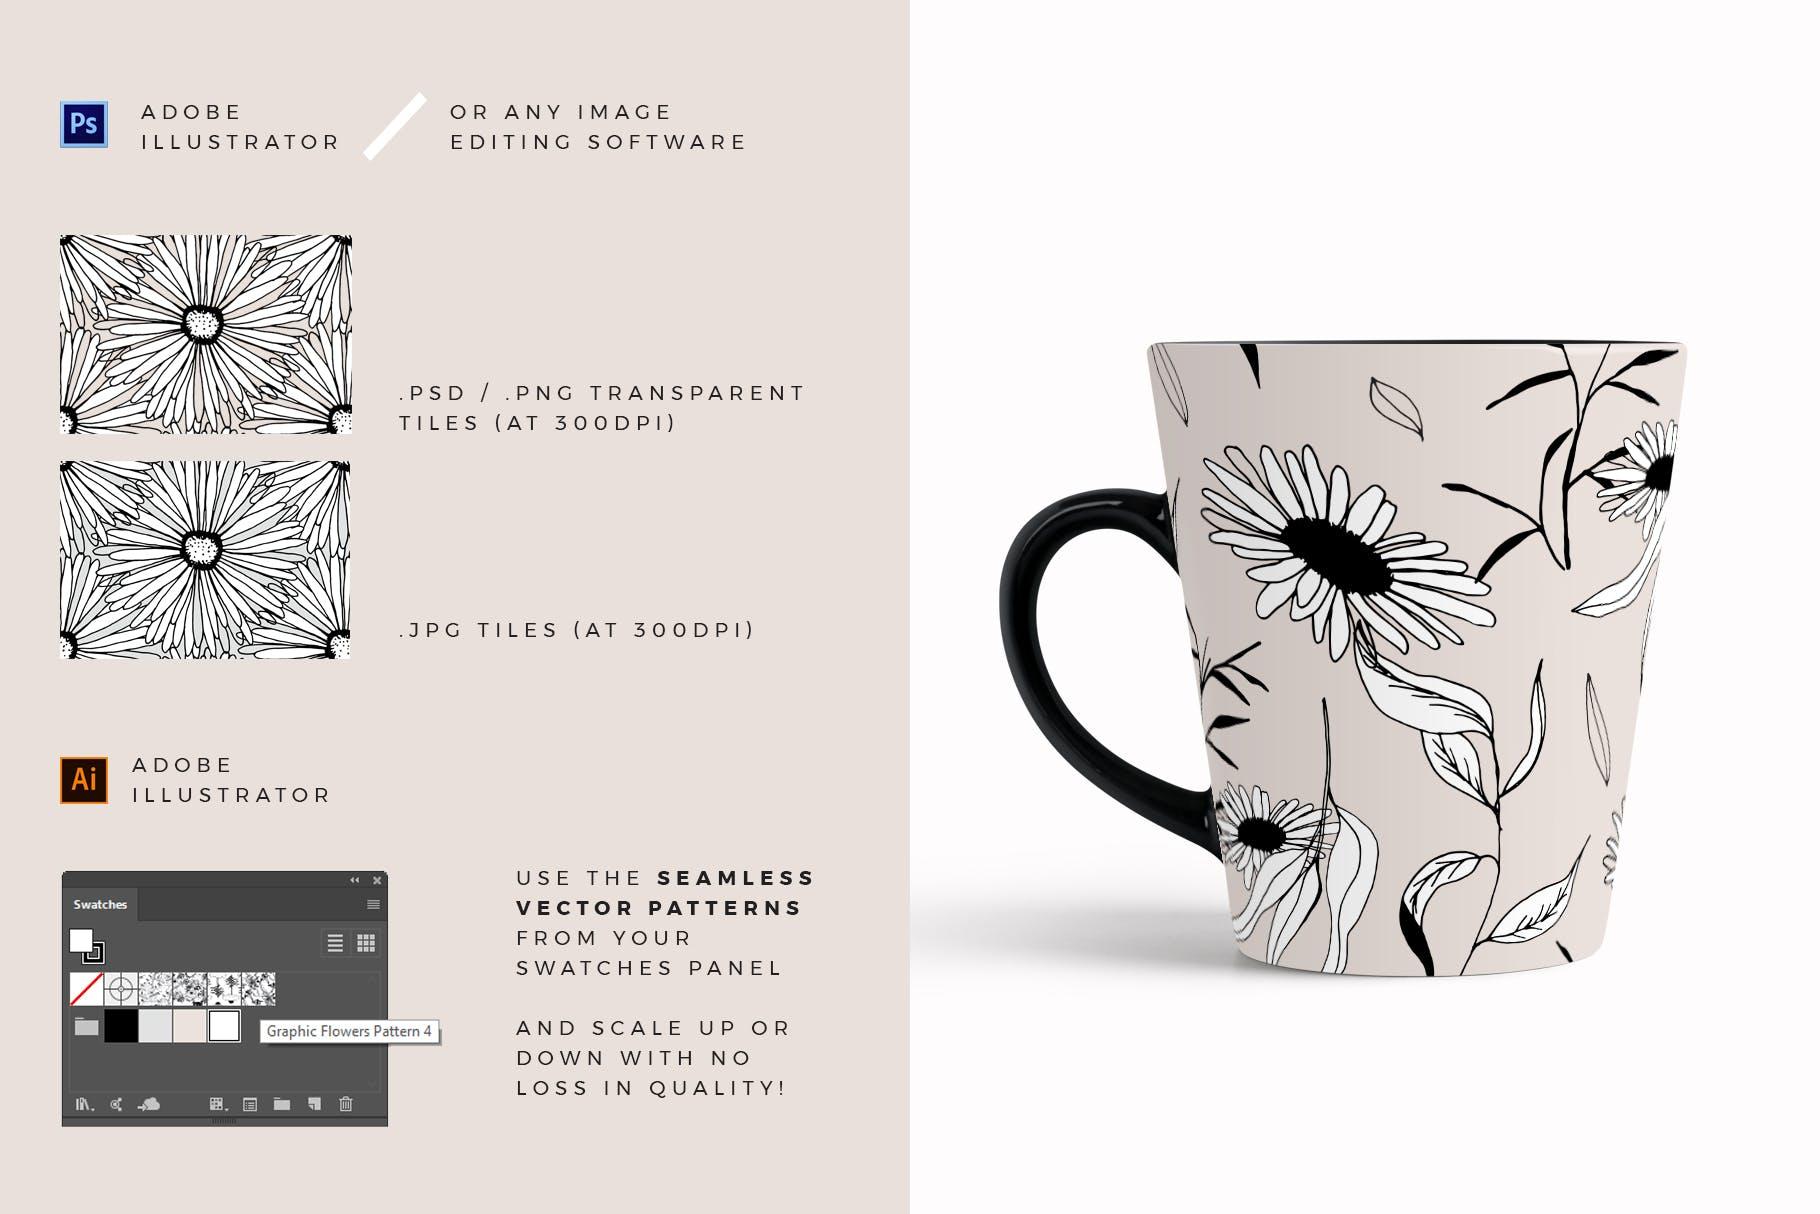 图形花卉图案装饰性元素图案花纹素材下载Graphic Flowers Patterns Elements插图(3)